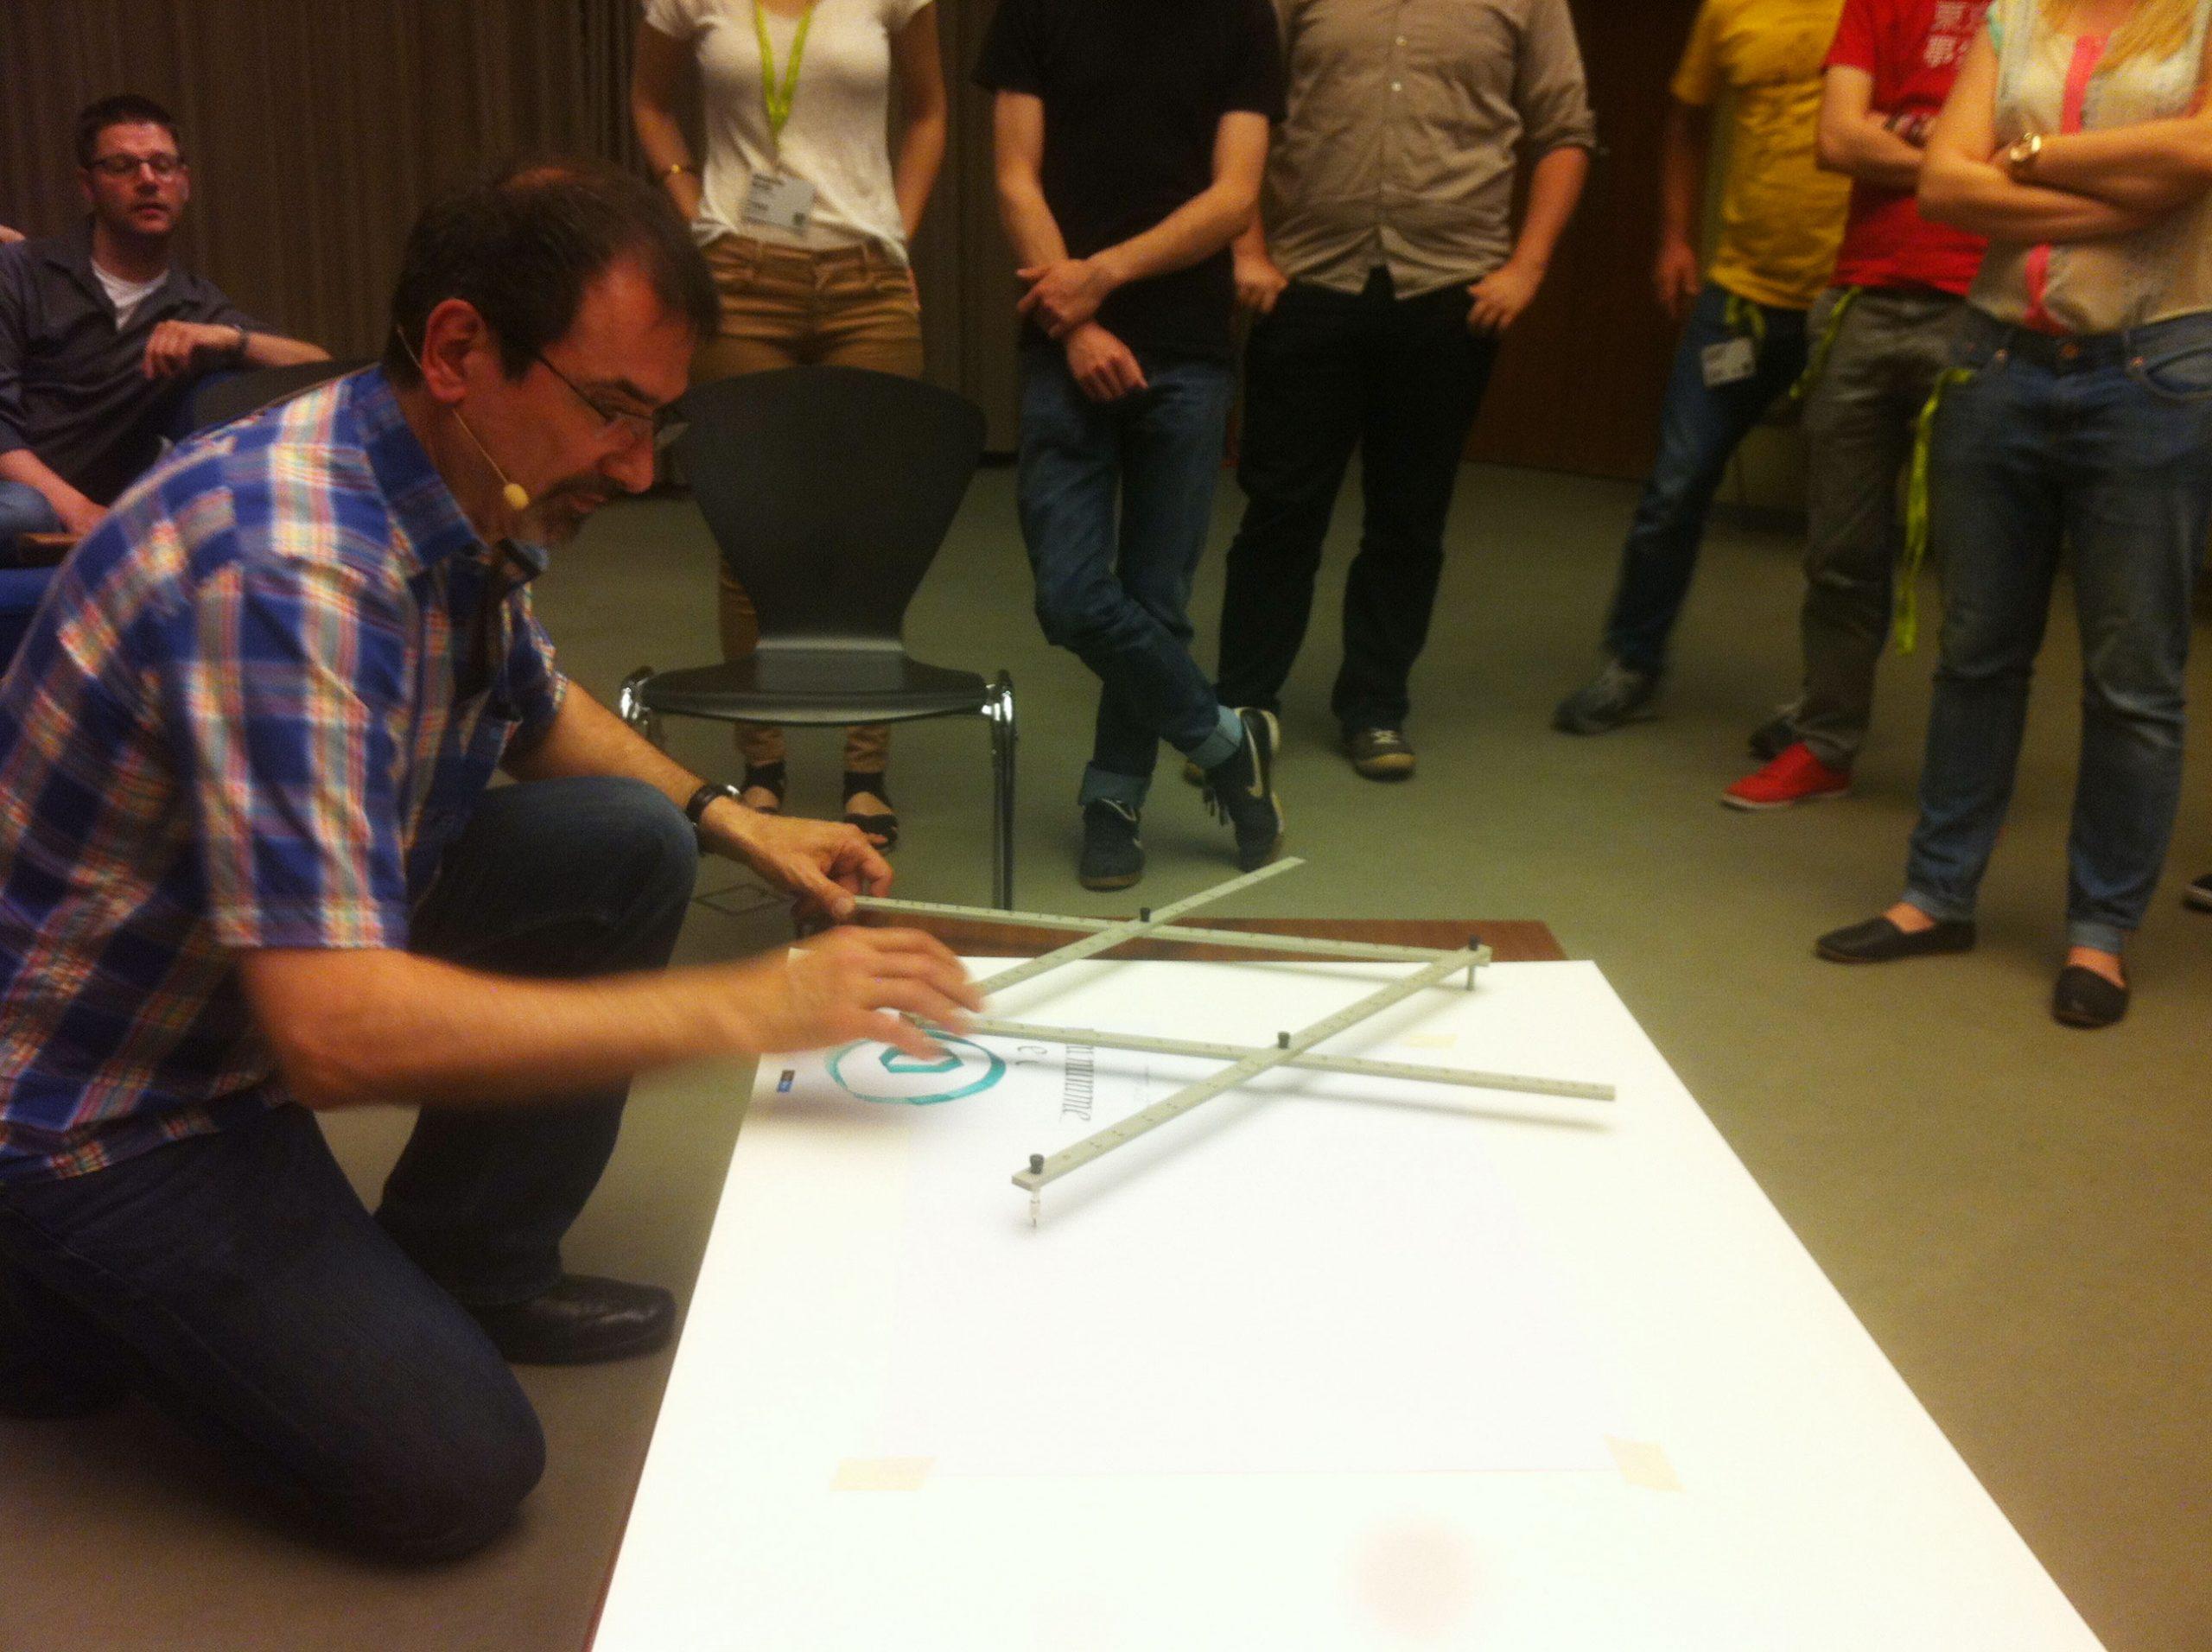 Uomo che mostra il funzionamento di un pantografo